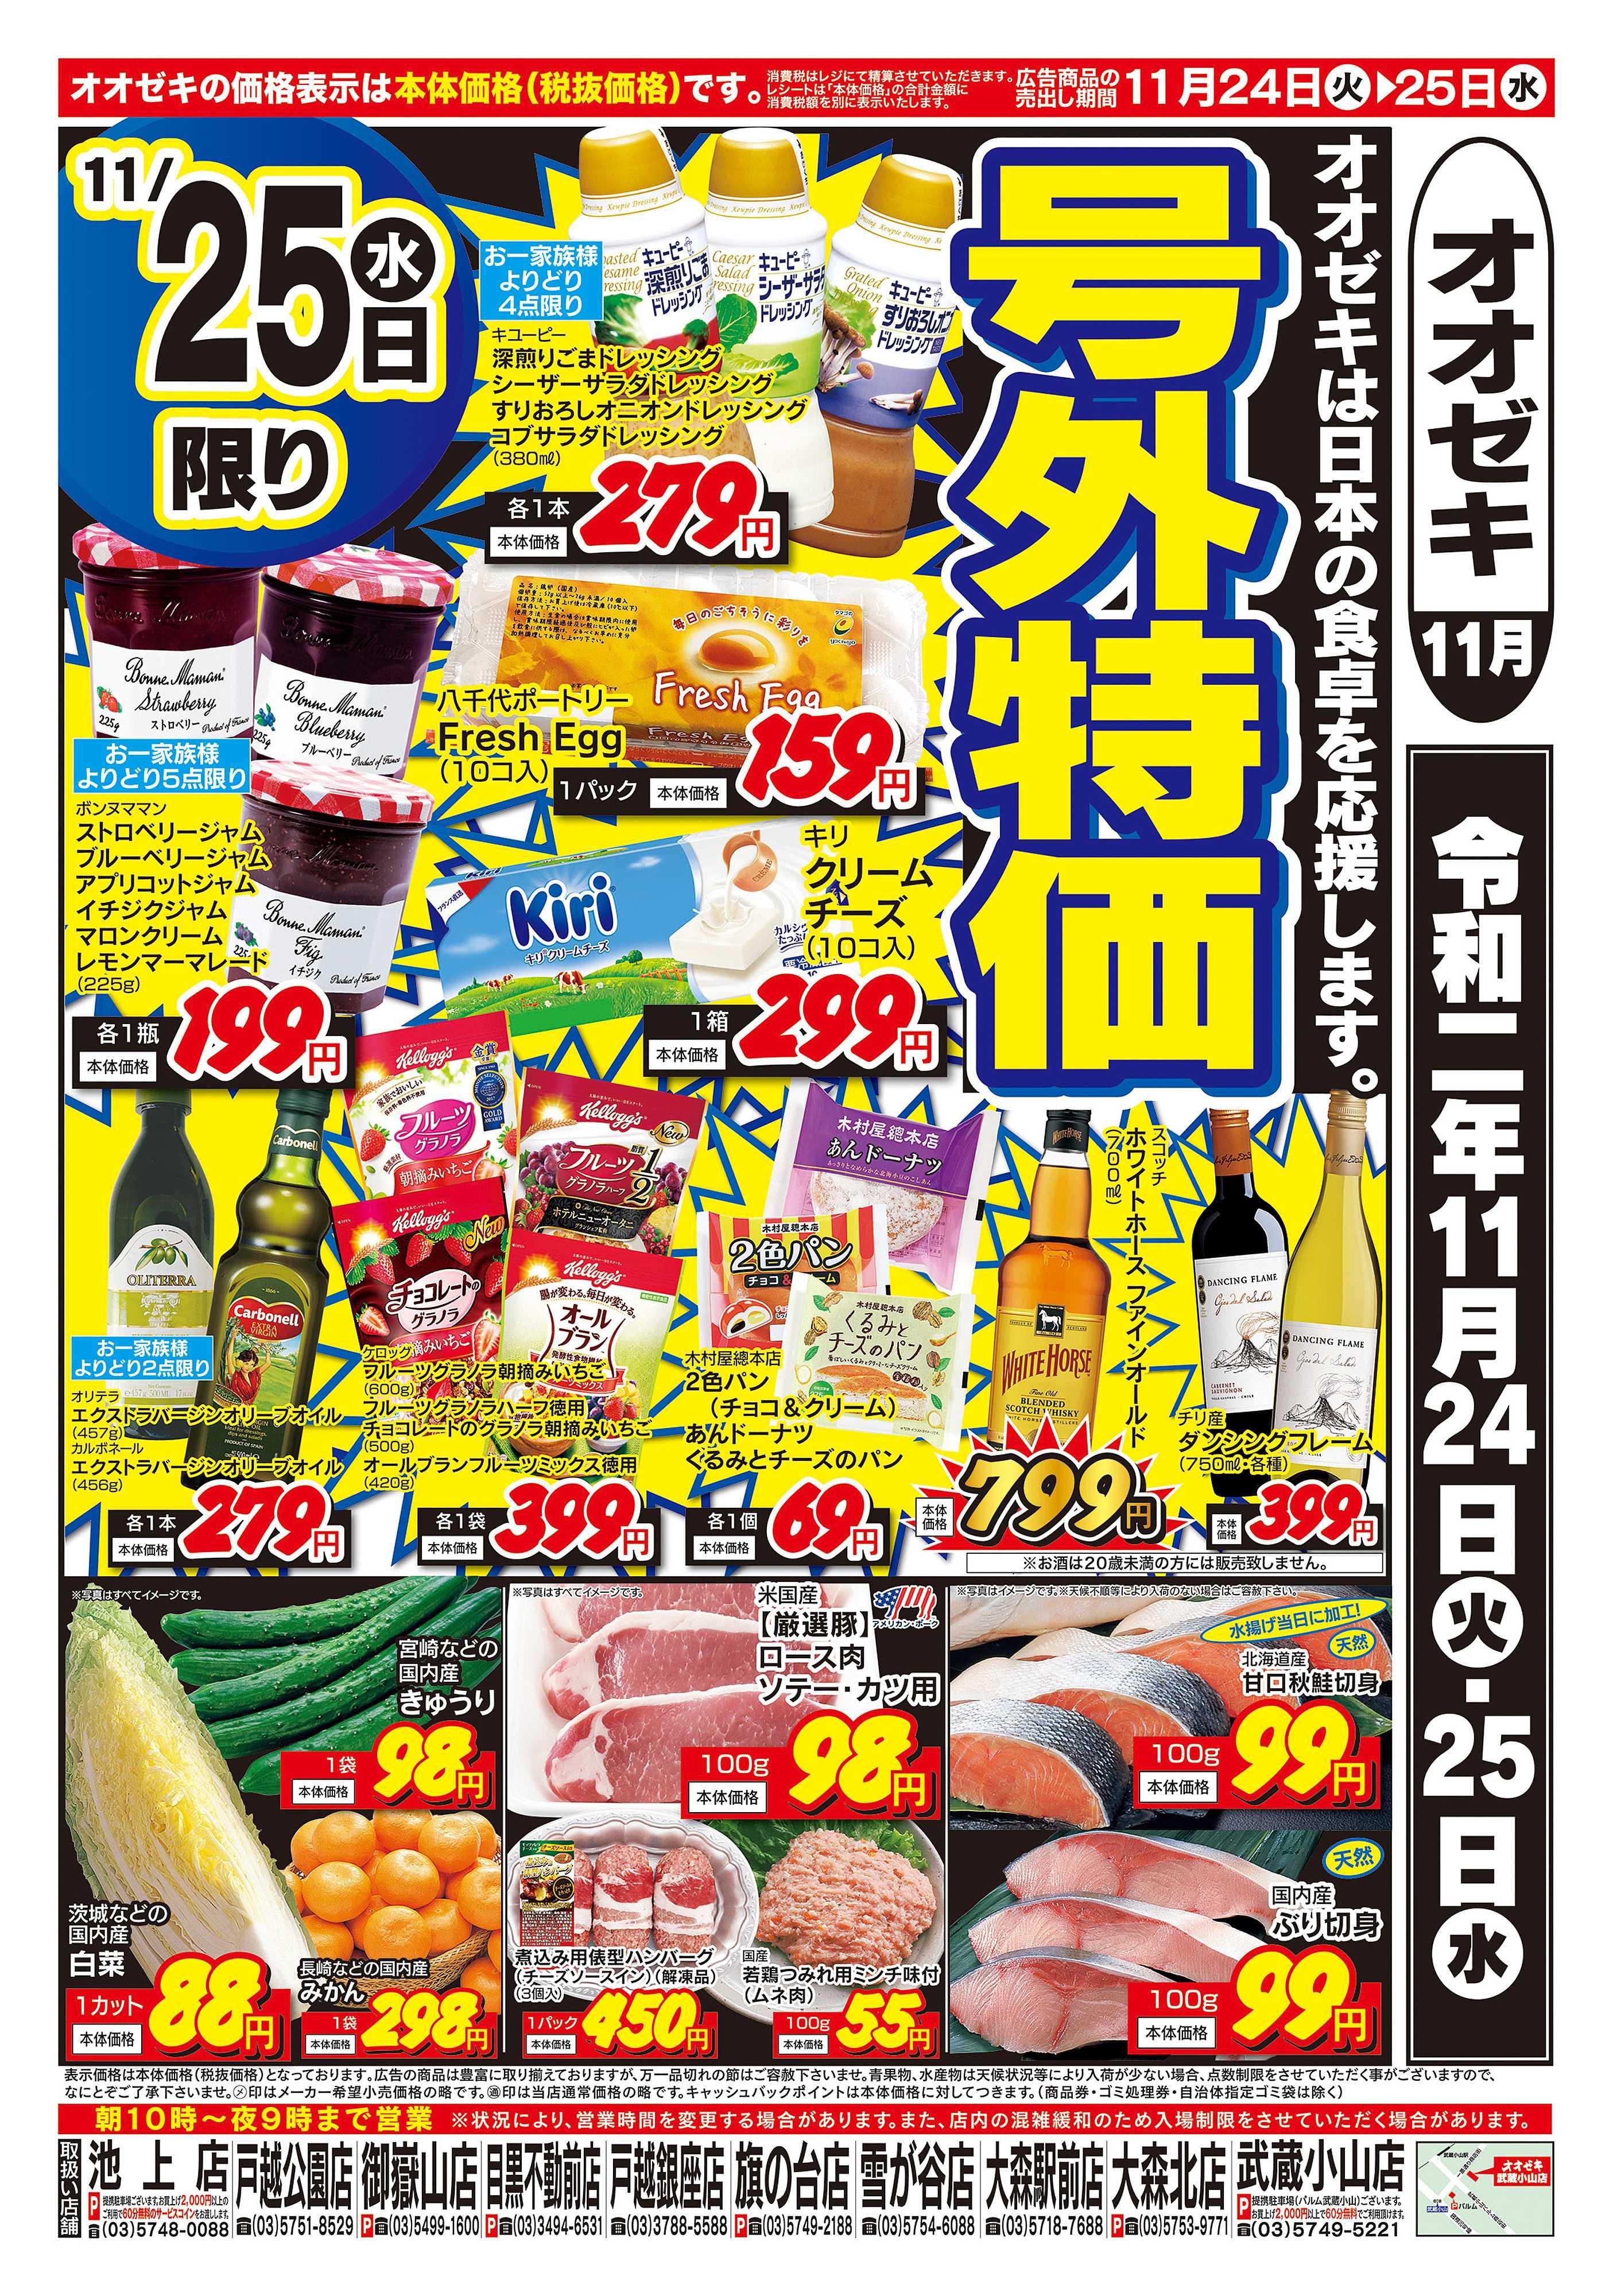 オオゼキ 11/24(火)~11/25(水)2日間限り 号外特価